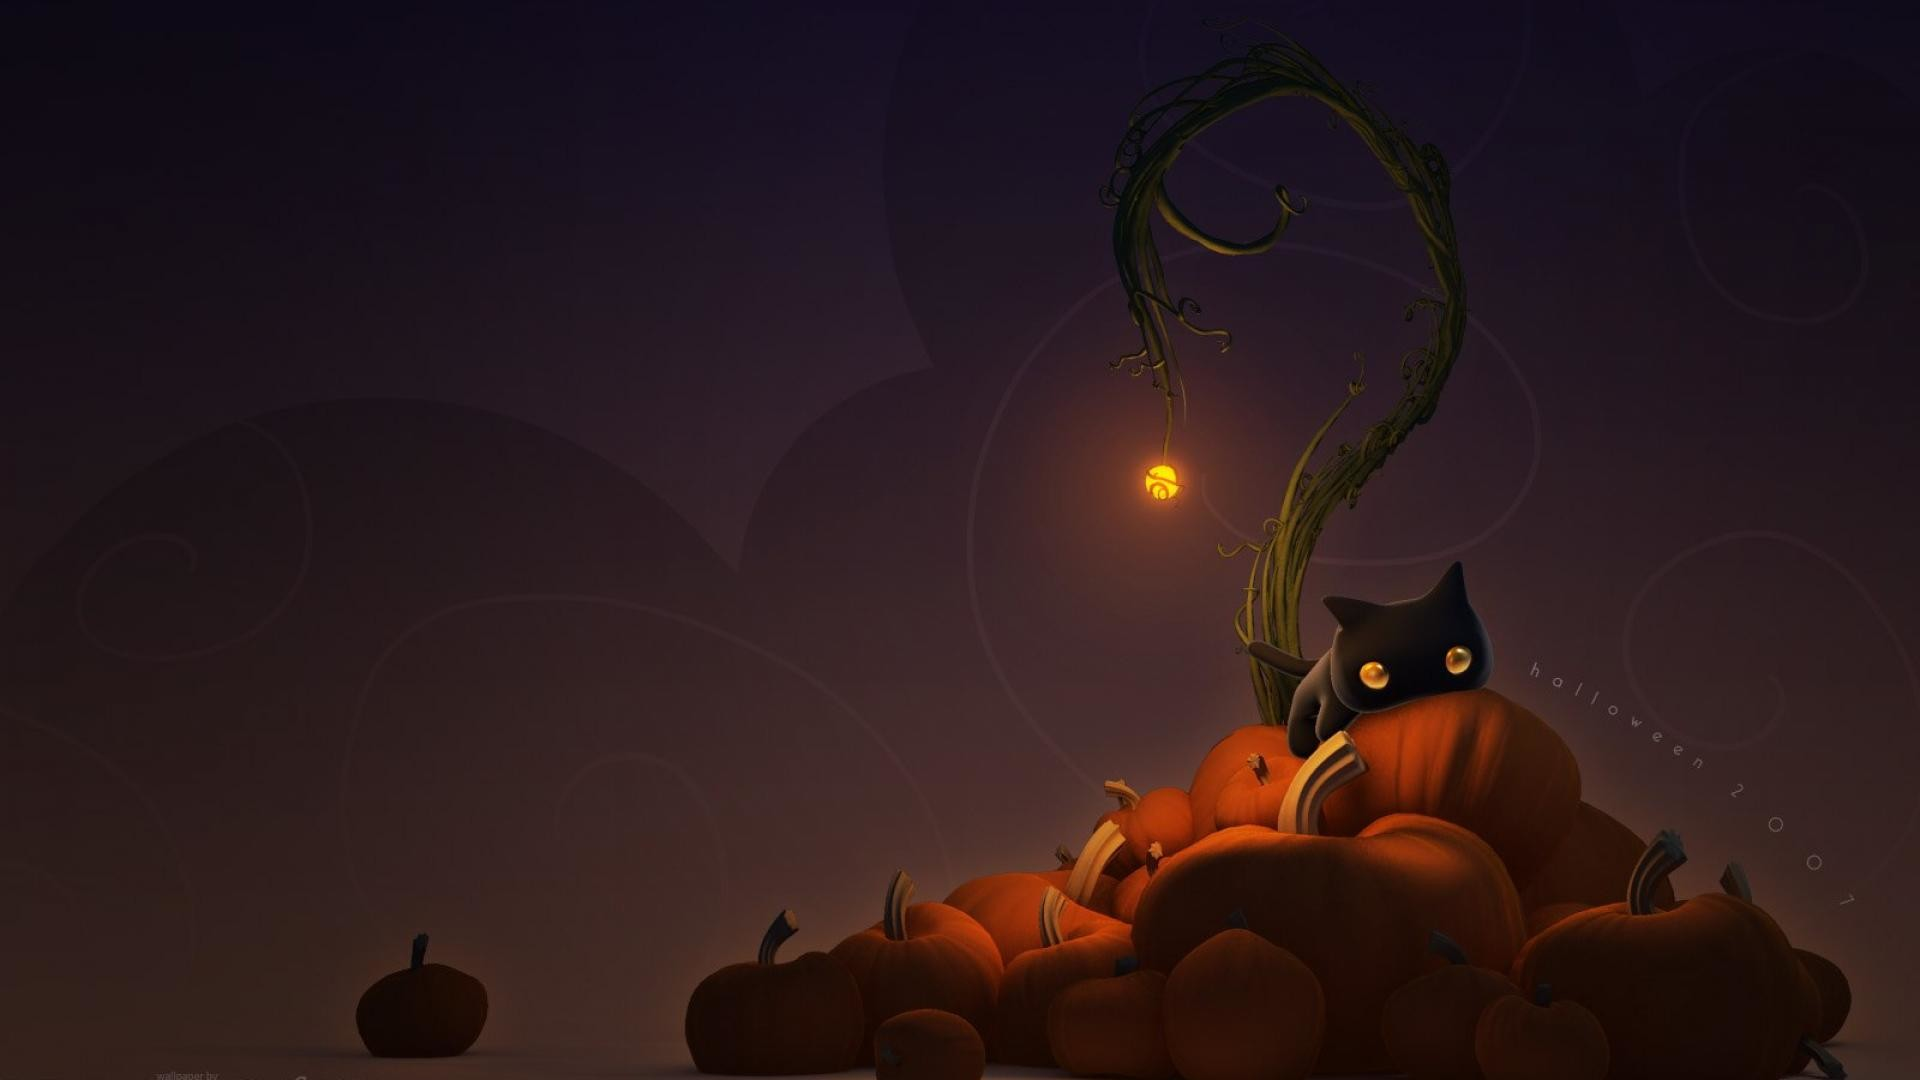 Black Cat Pumpkin Halloween Wallpaper Wallpaper